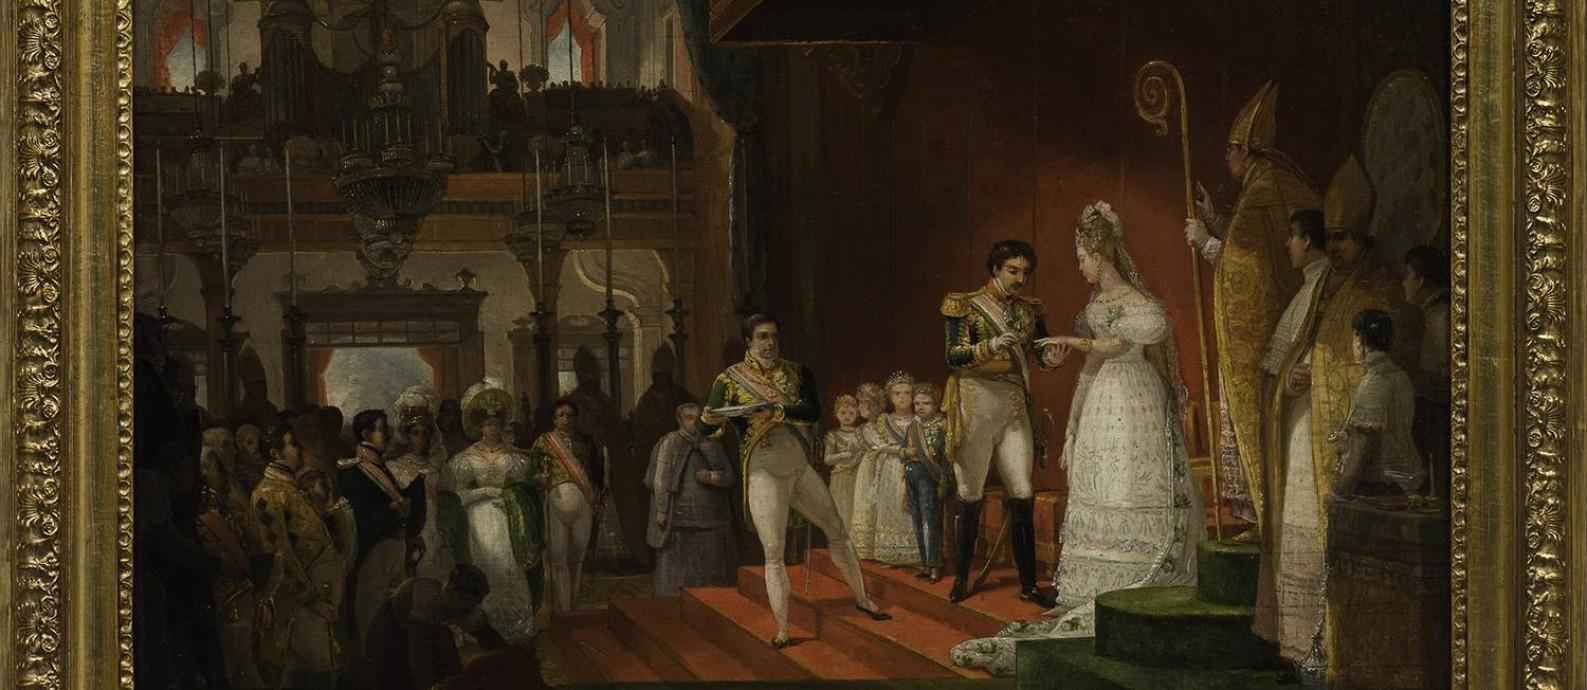 'Casamento de D. Pedro I e D. Amélia' (1829), de Jean Baptiste Debret; óleo sobre madeira Foto: Coleçao Brasiliana Itaú / Edouard Fraipont